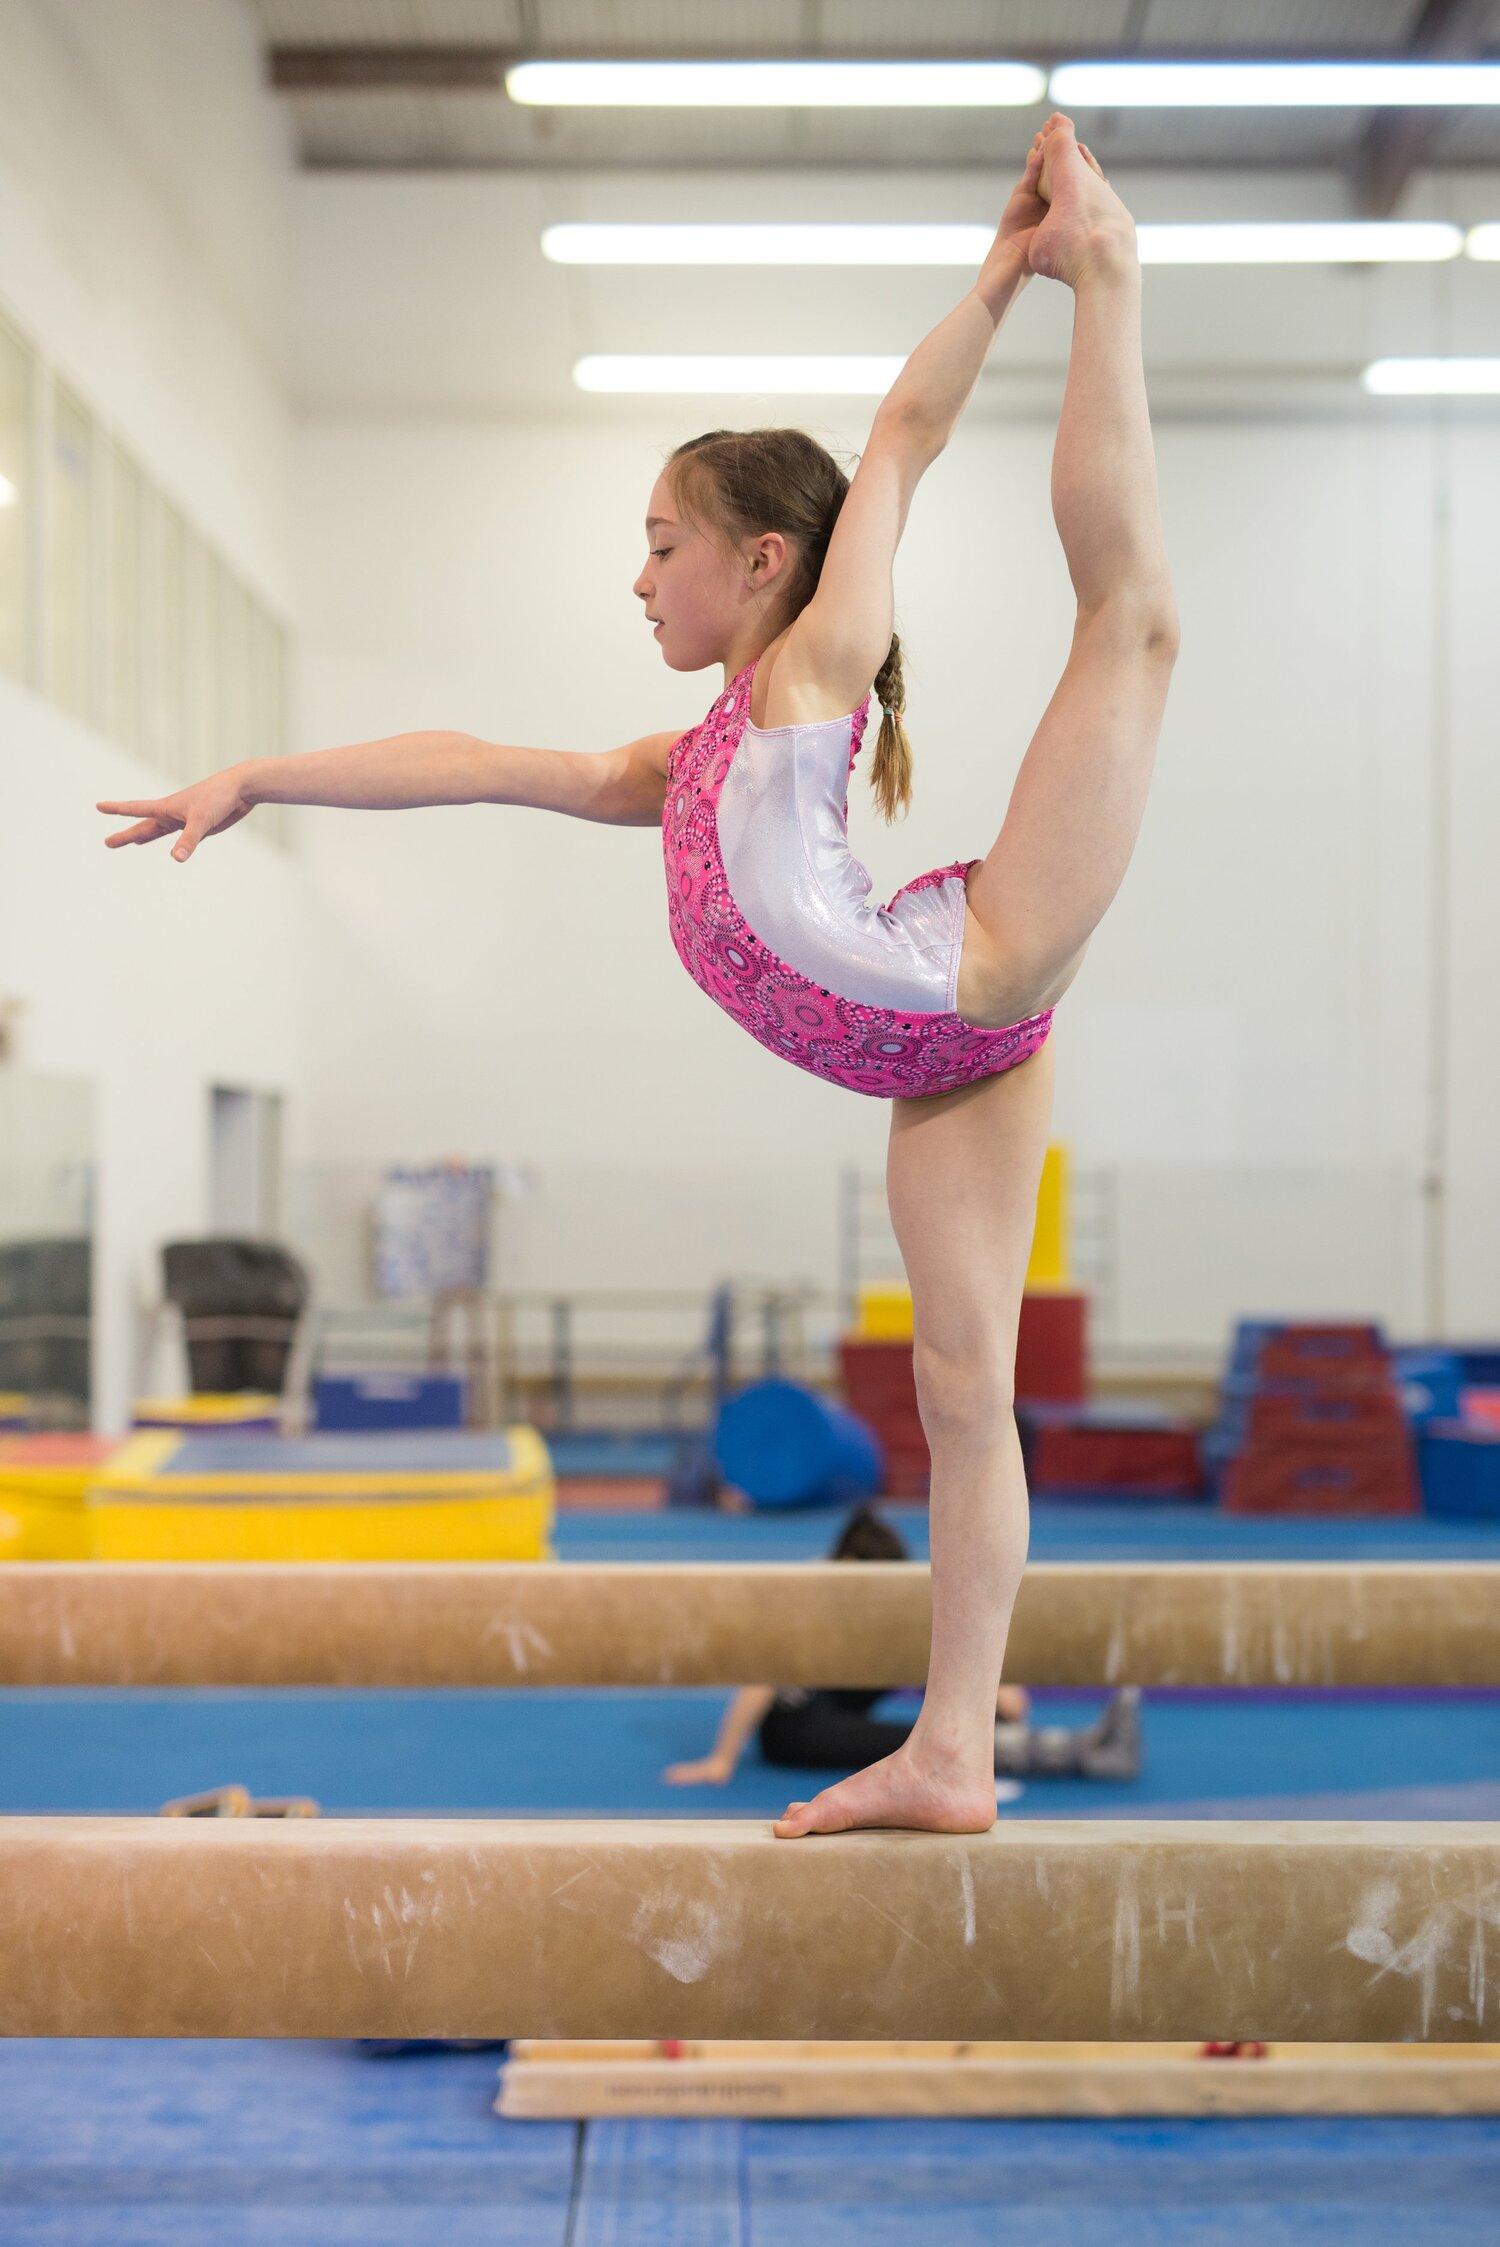 Sexy teen gymnast